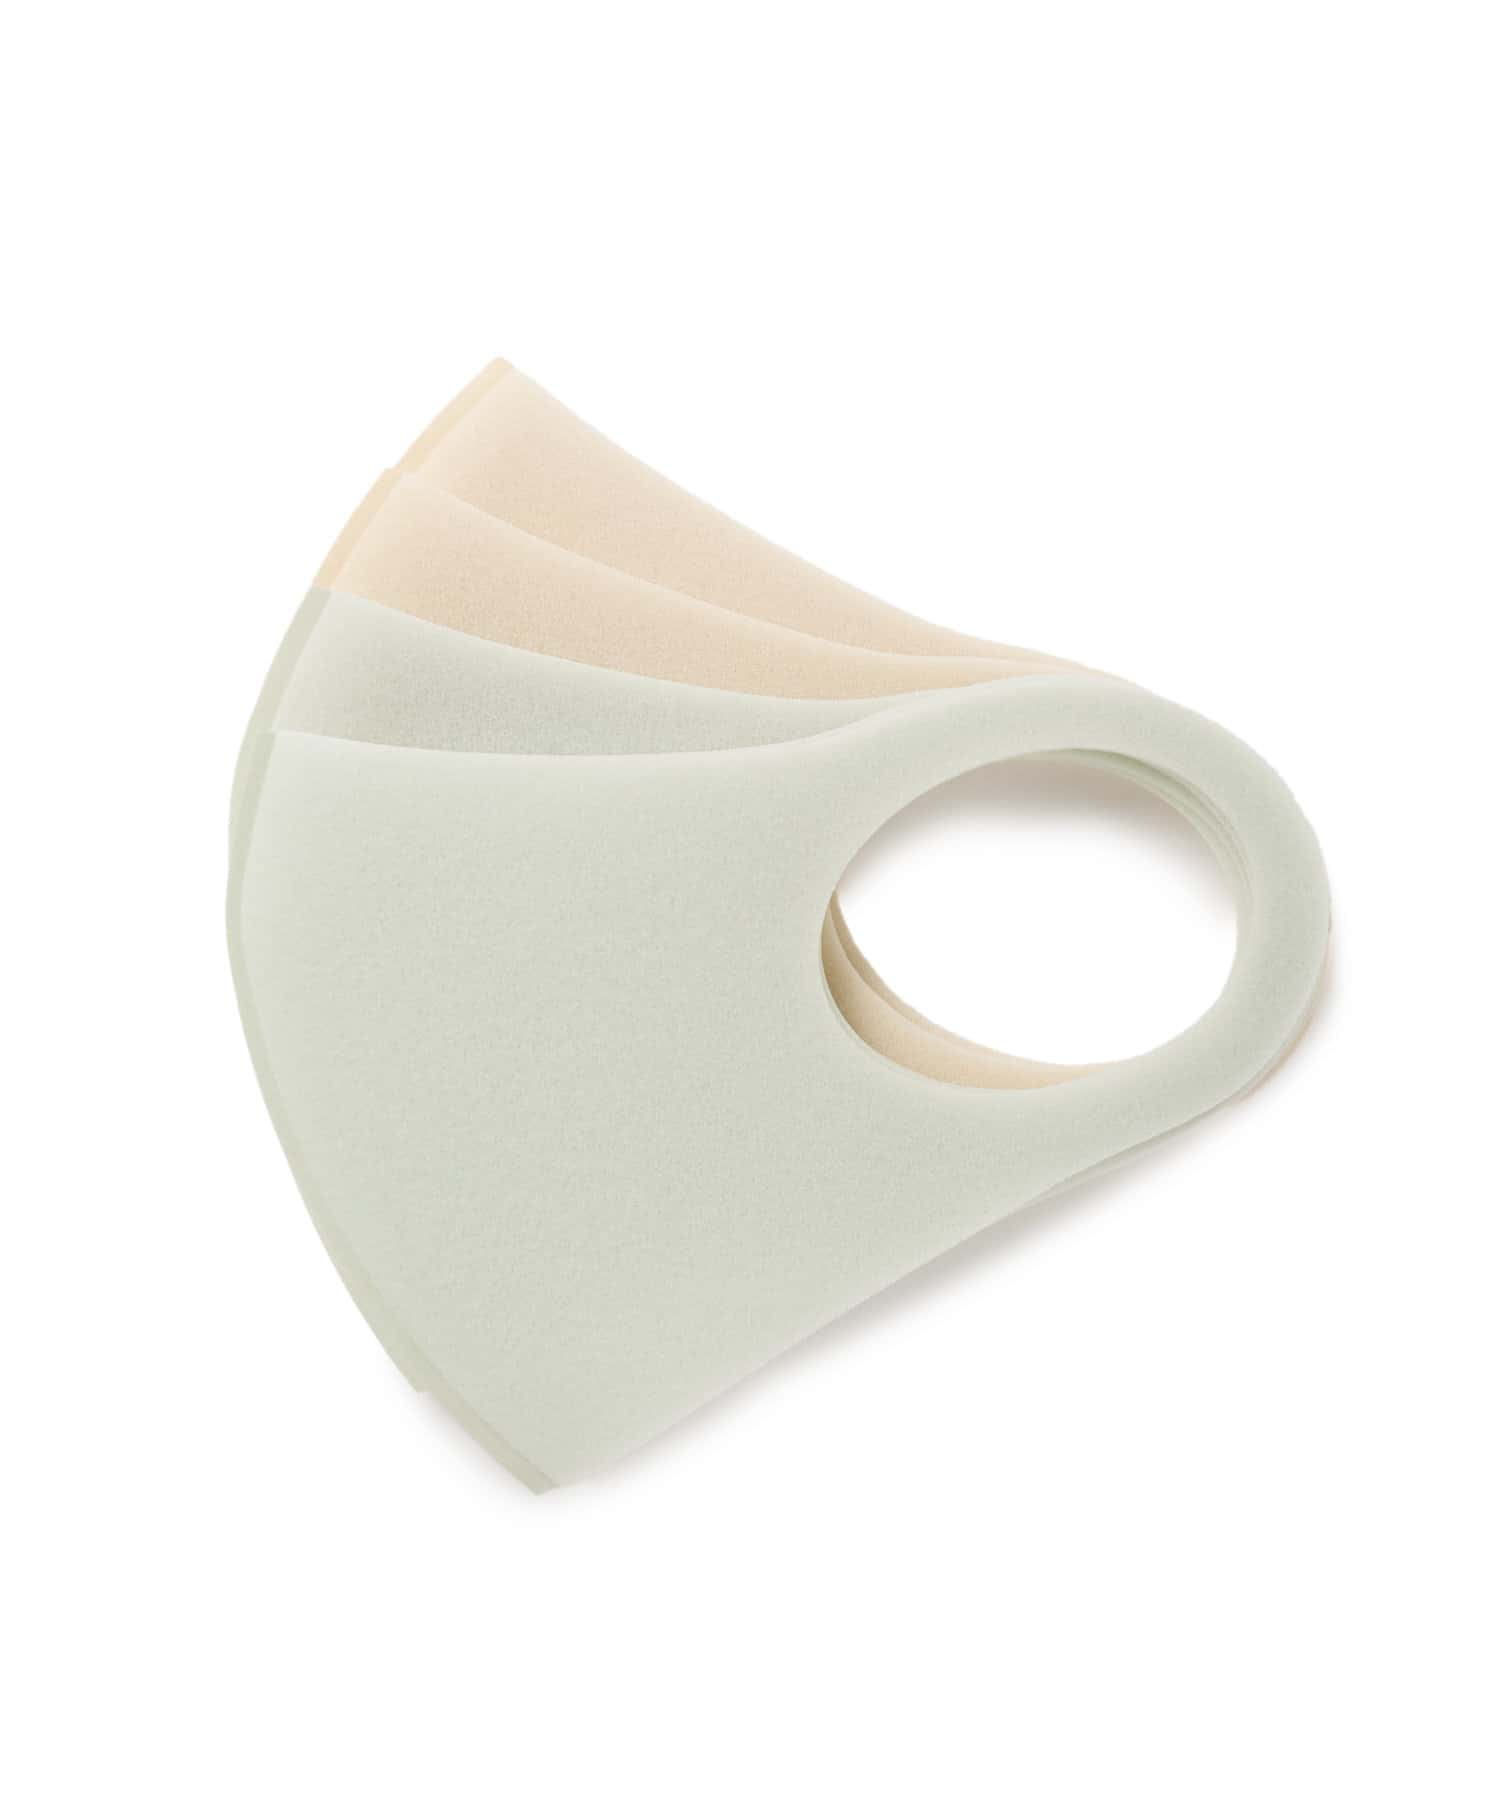 Lattice(ラティス) Lattice(ラティス) 《ニュアンスカラー立体ウレタンマスク 》4枚SET(大人用小さめ) その他2